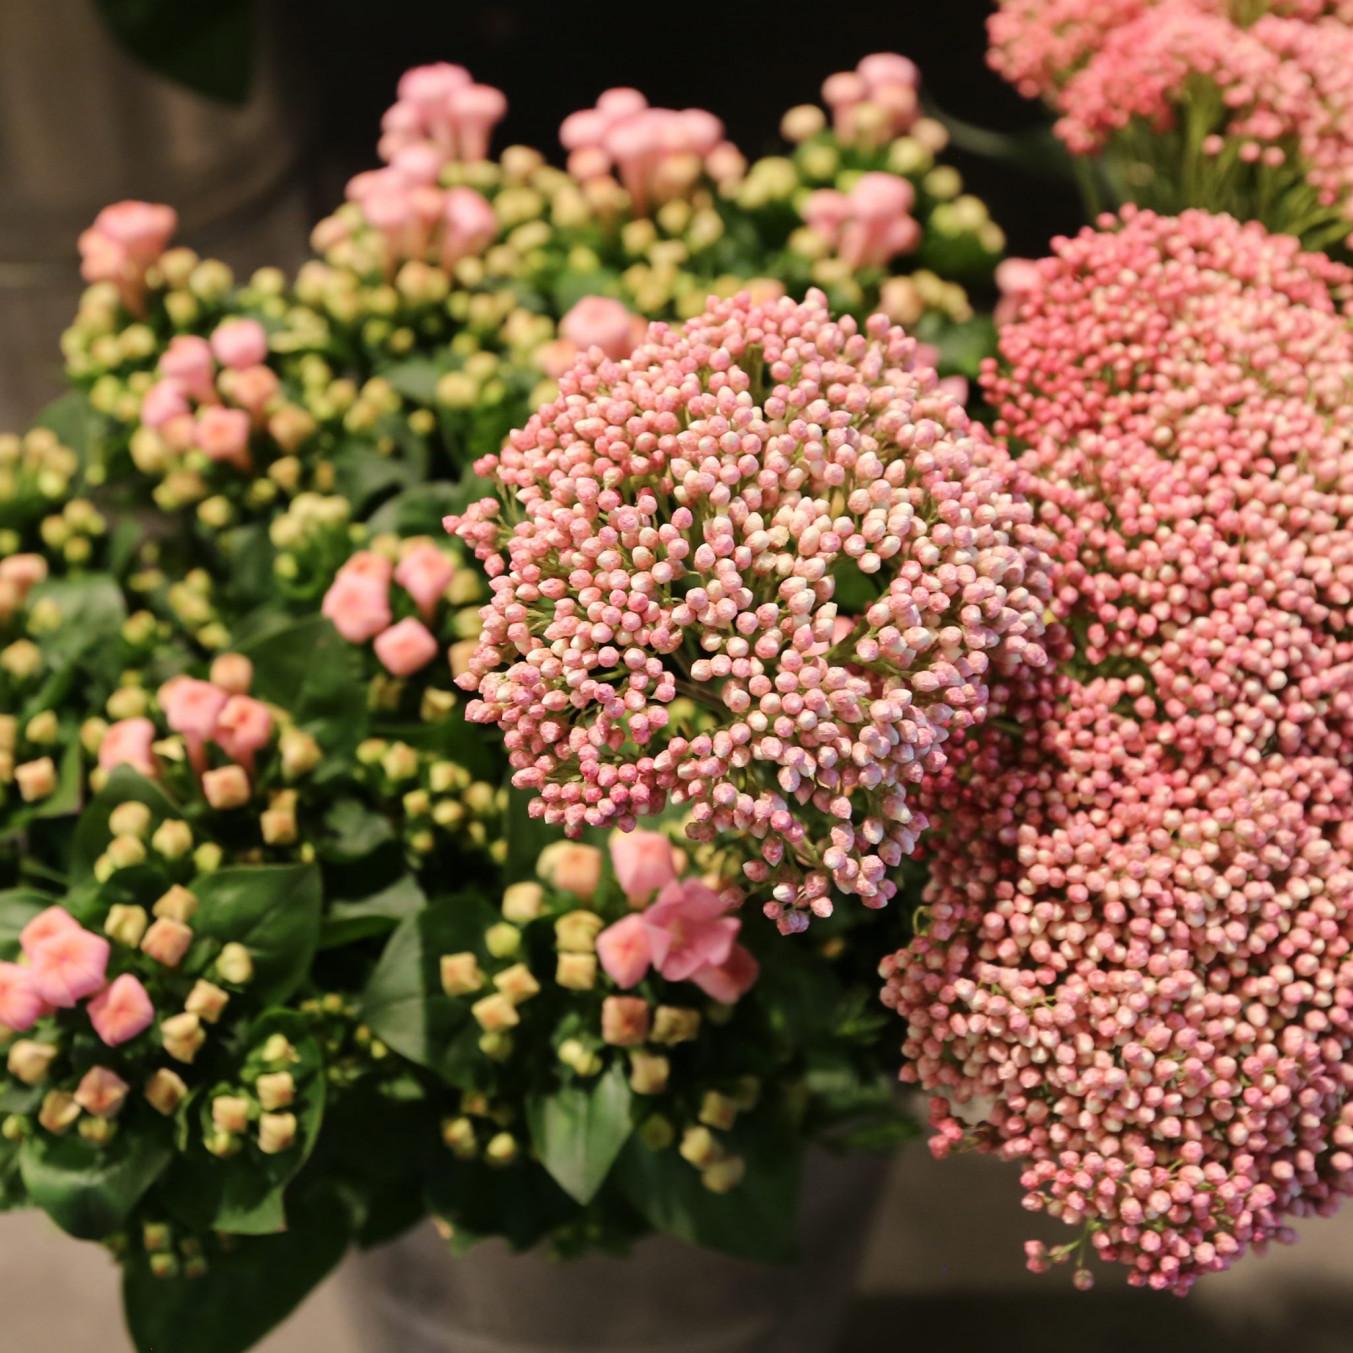 Snijbloemen | Vanallemeersch-Deraedt